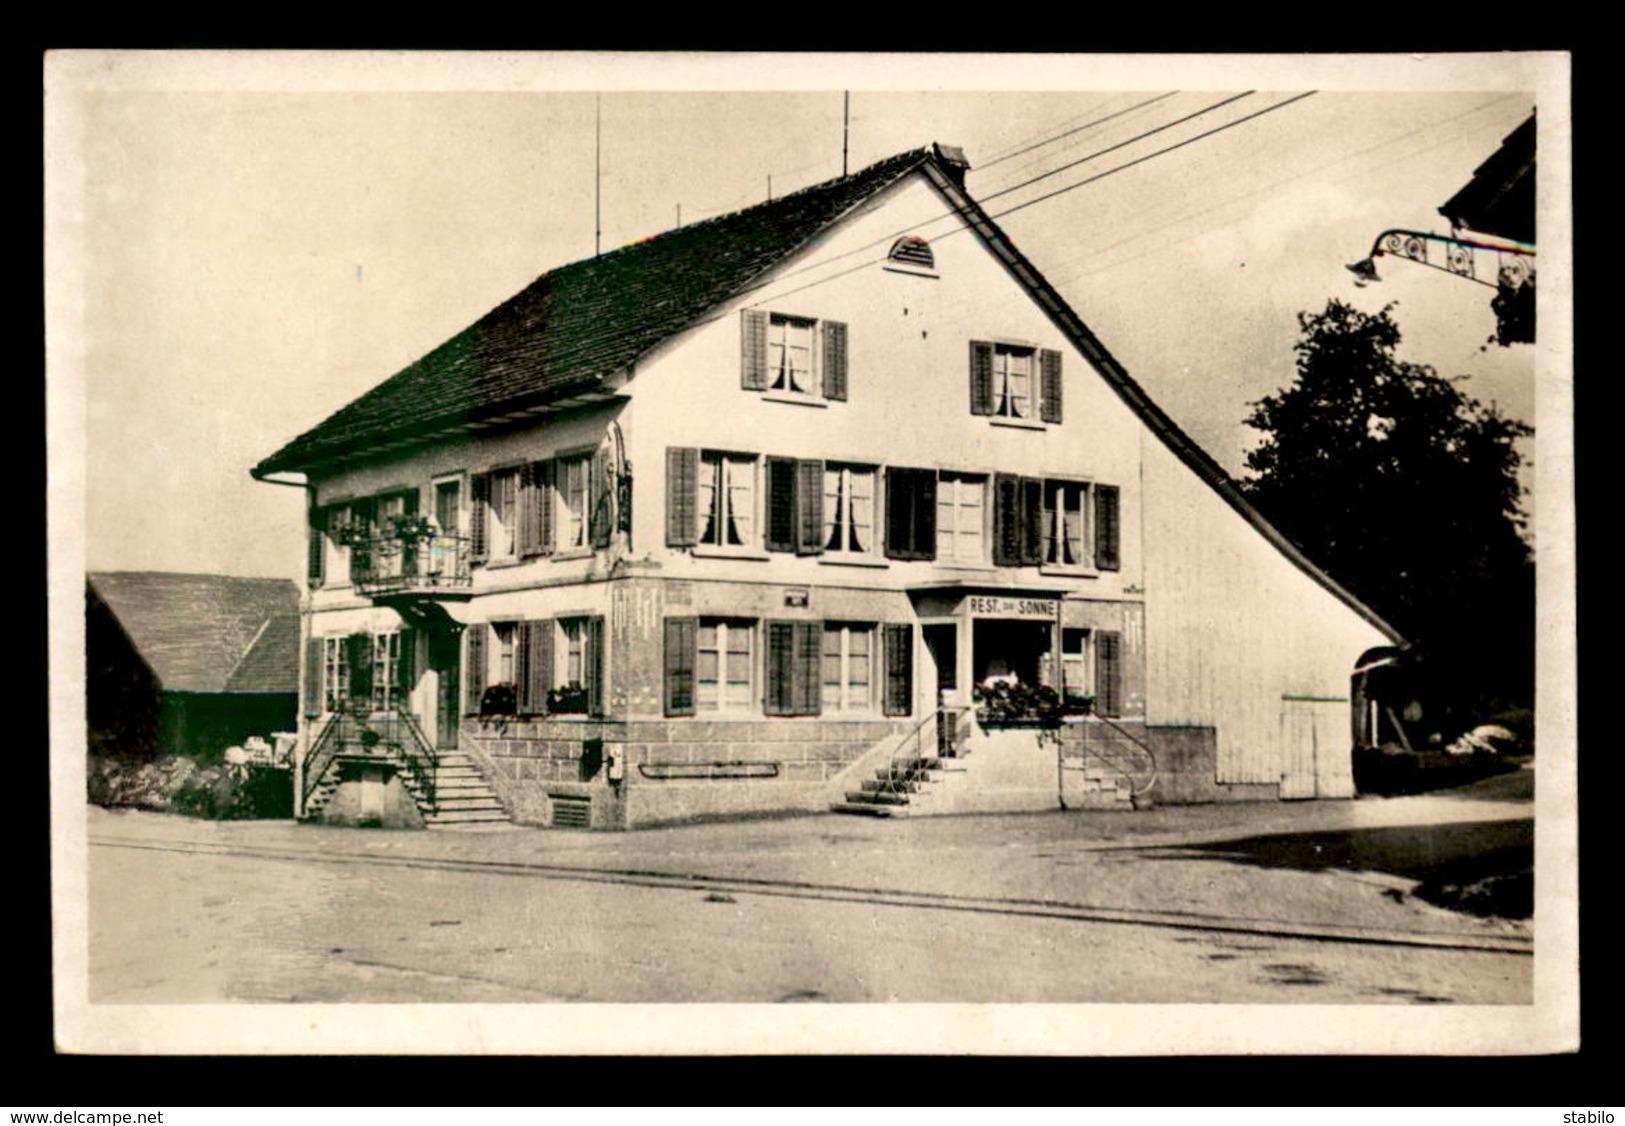 SUISSE - ZURICH - RESTAURANT Z. SONNE, WILLIKON-OETWIL A SEE - ZH Zurich